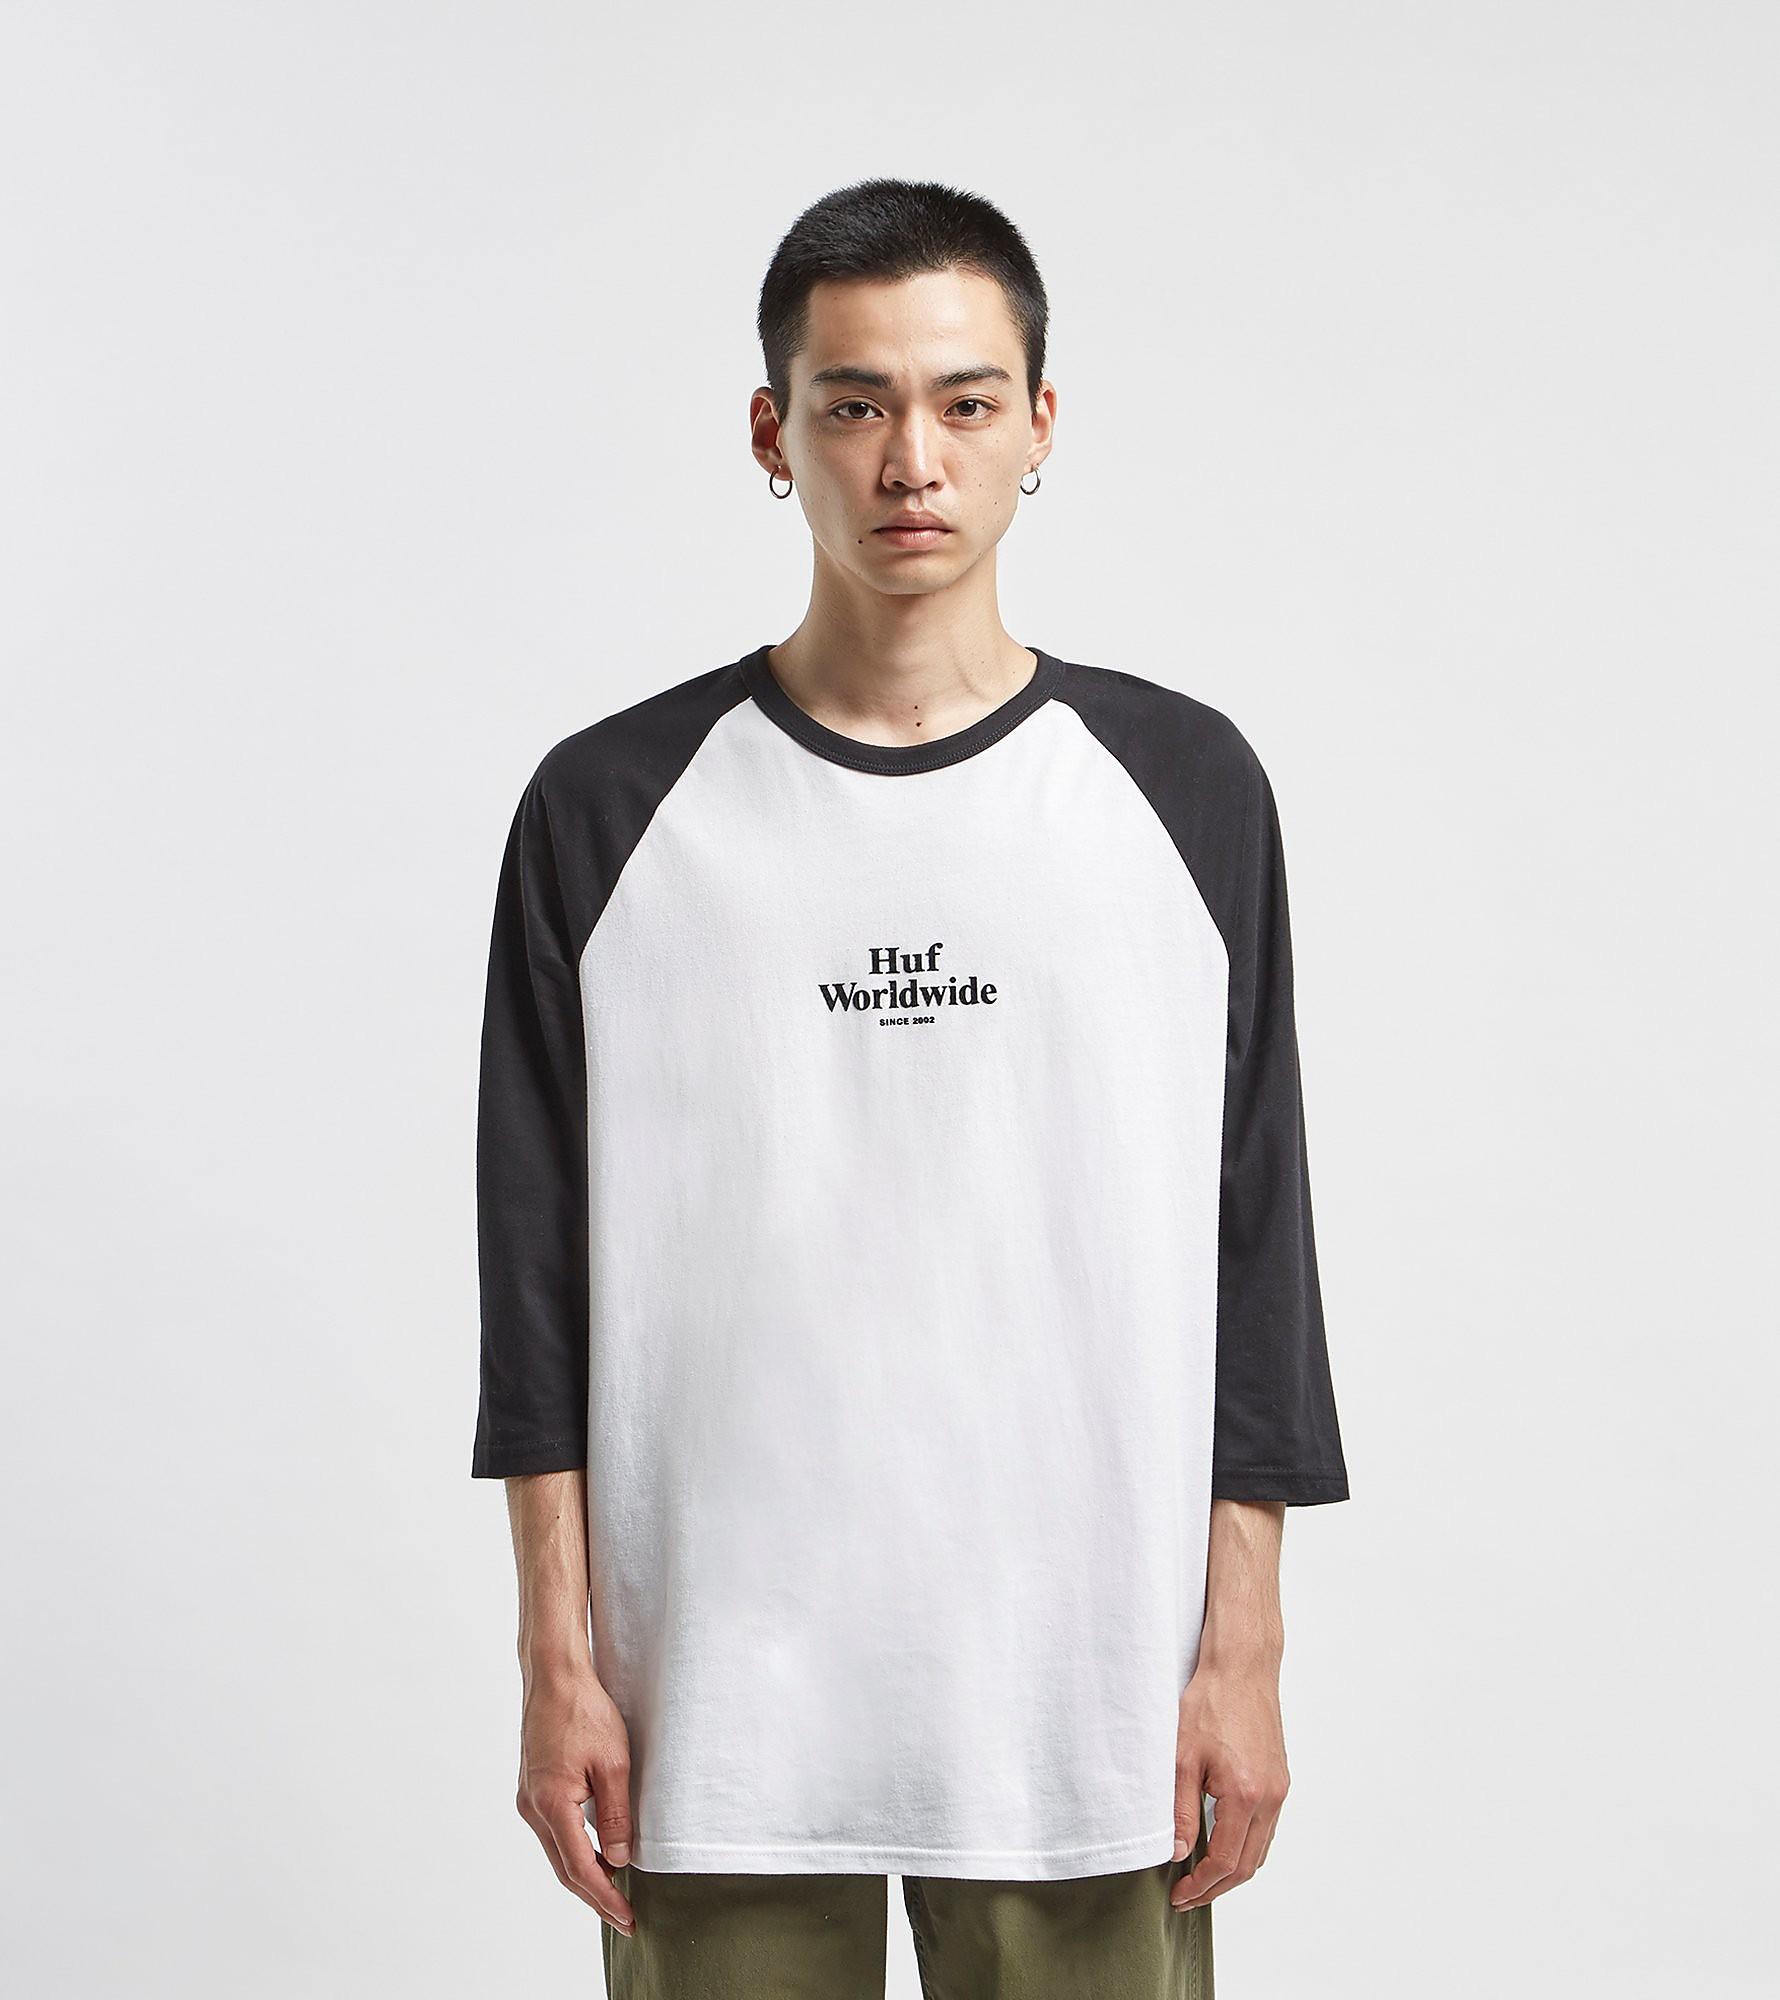 HUF Worldwide Raglan T-Shirt